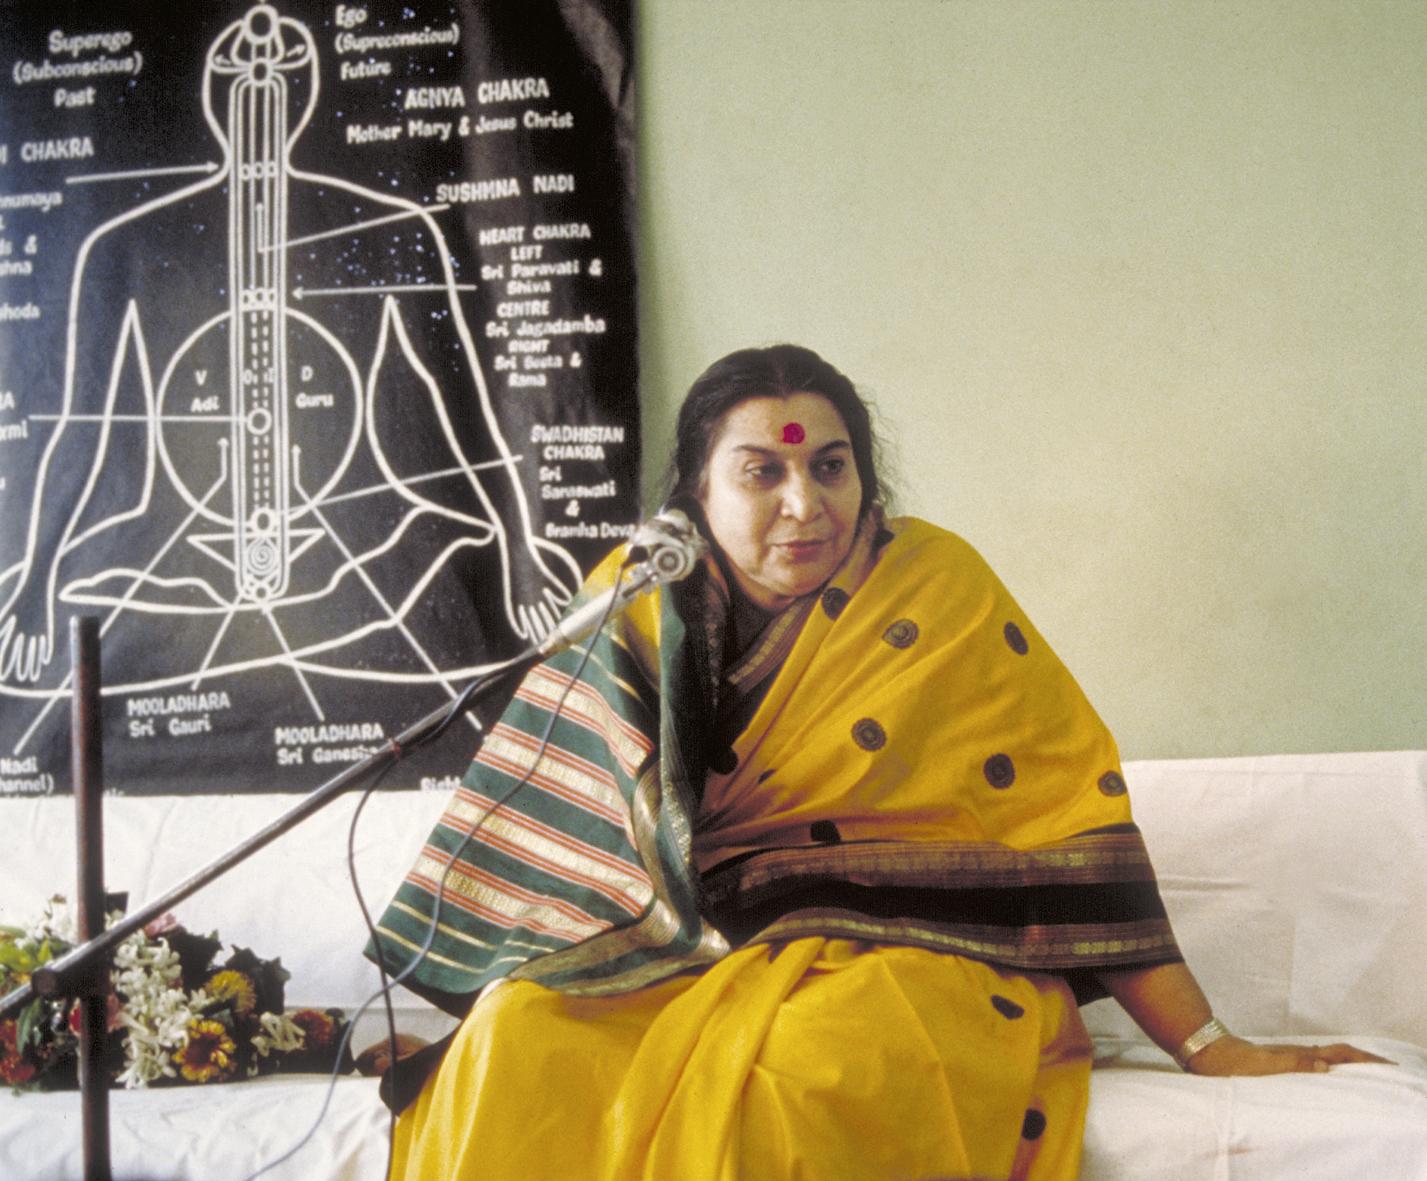 Sahaja Yoga - Shri Mataji Nirmala Devi